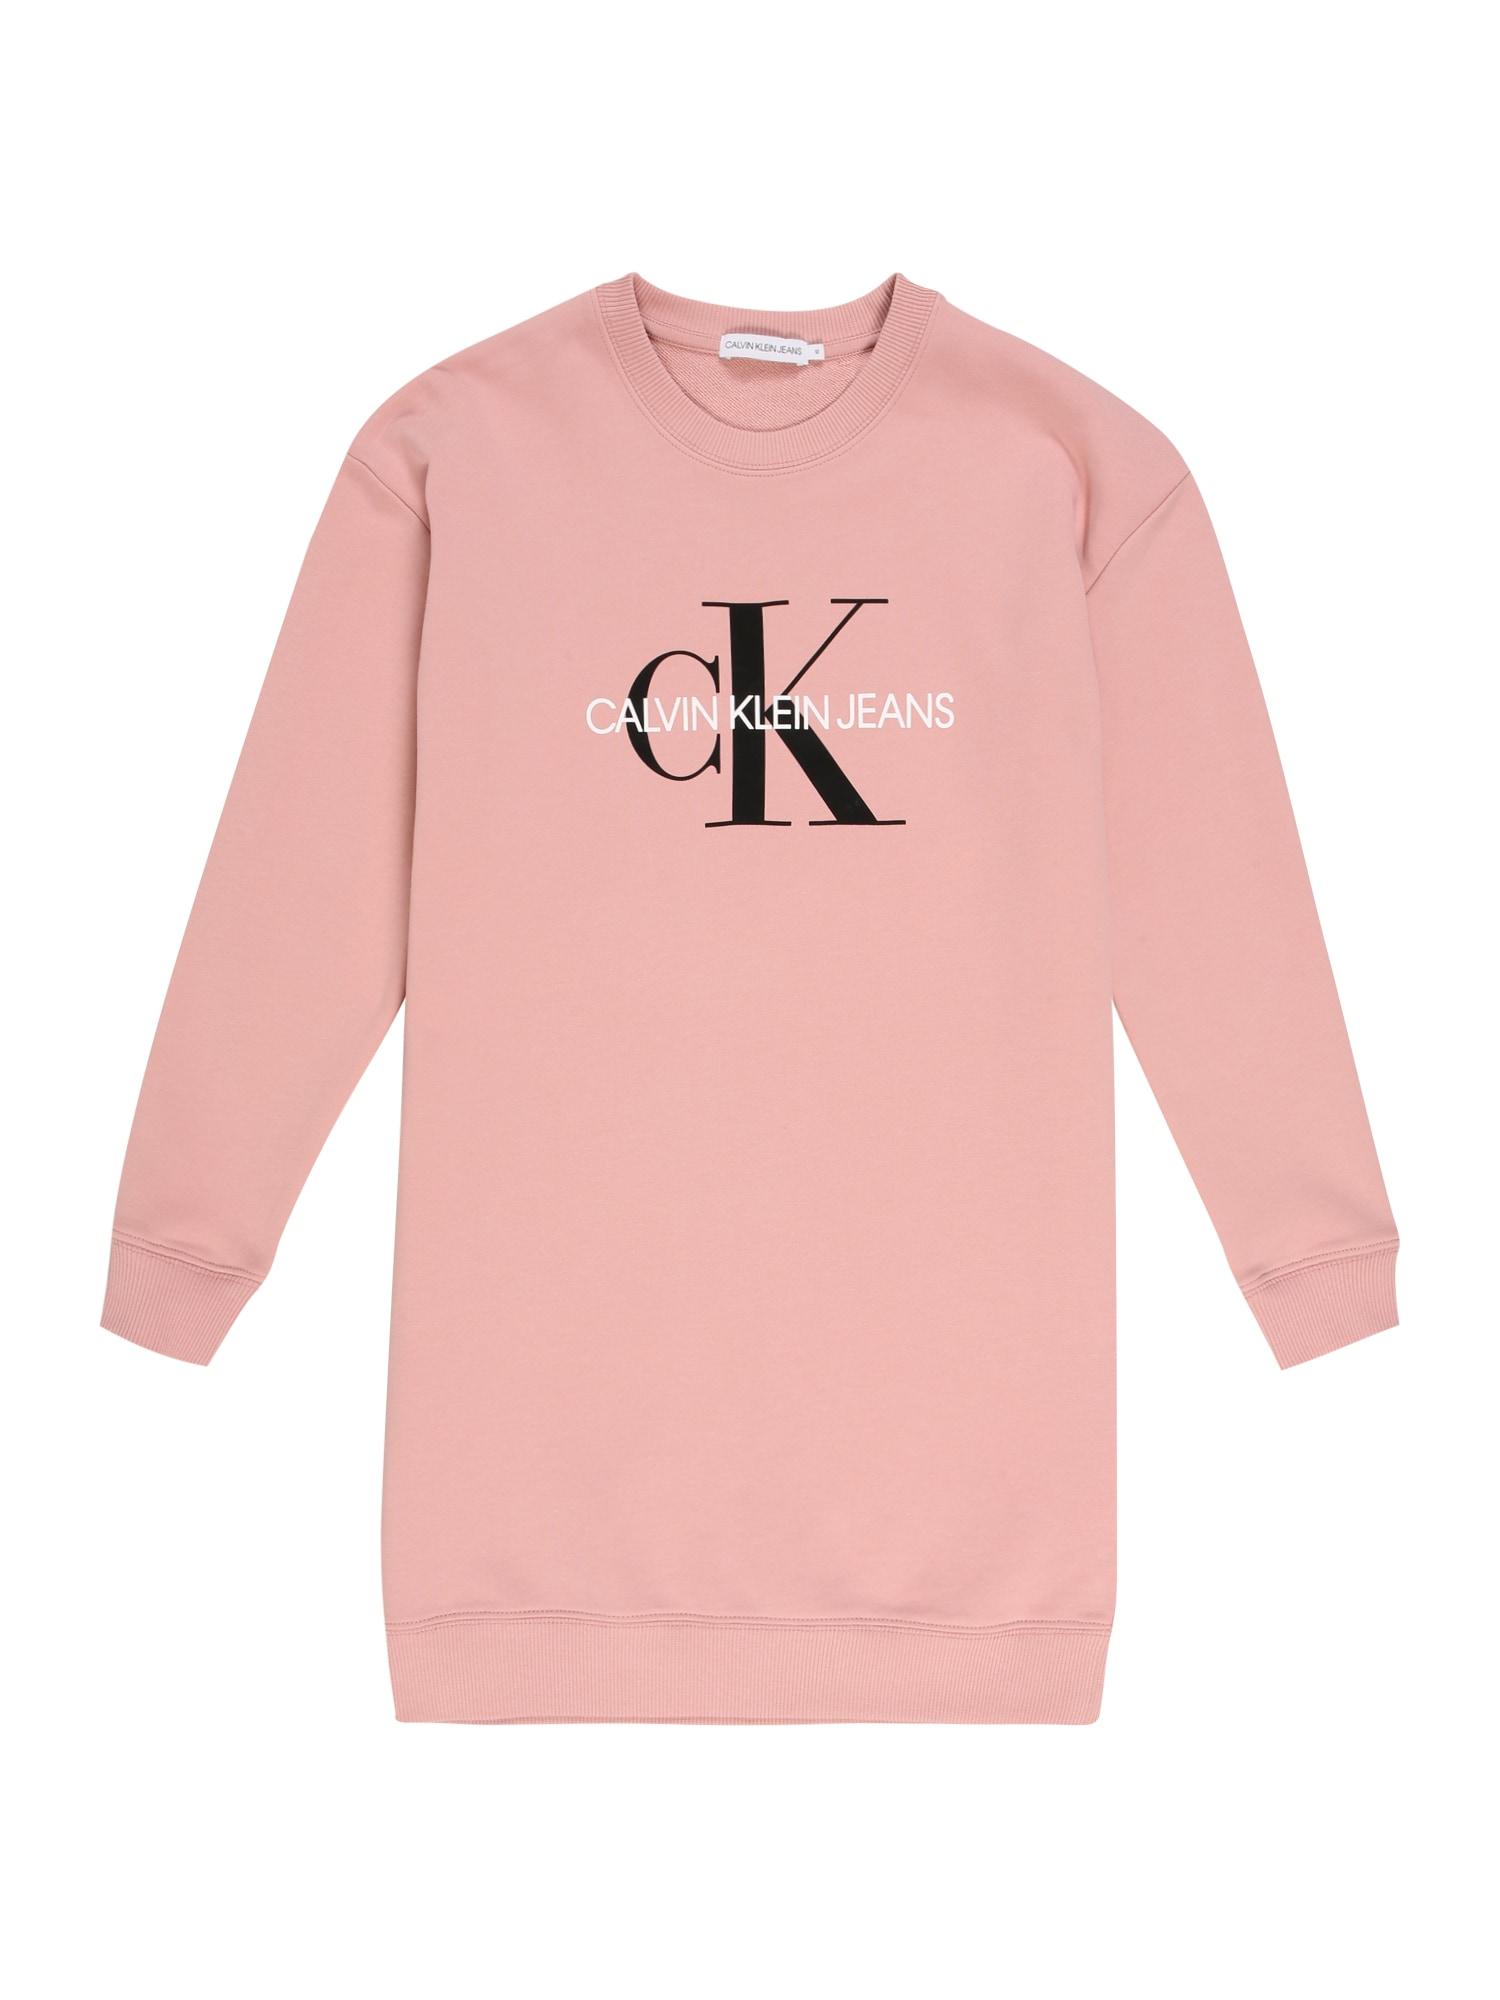 Calvin Klein Jeans Suknelė ryškiai rožinė spalva / balta / juoda